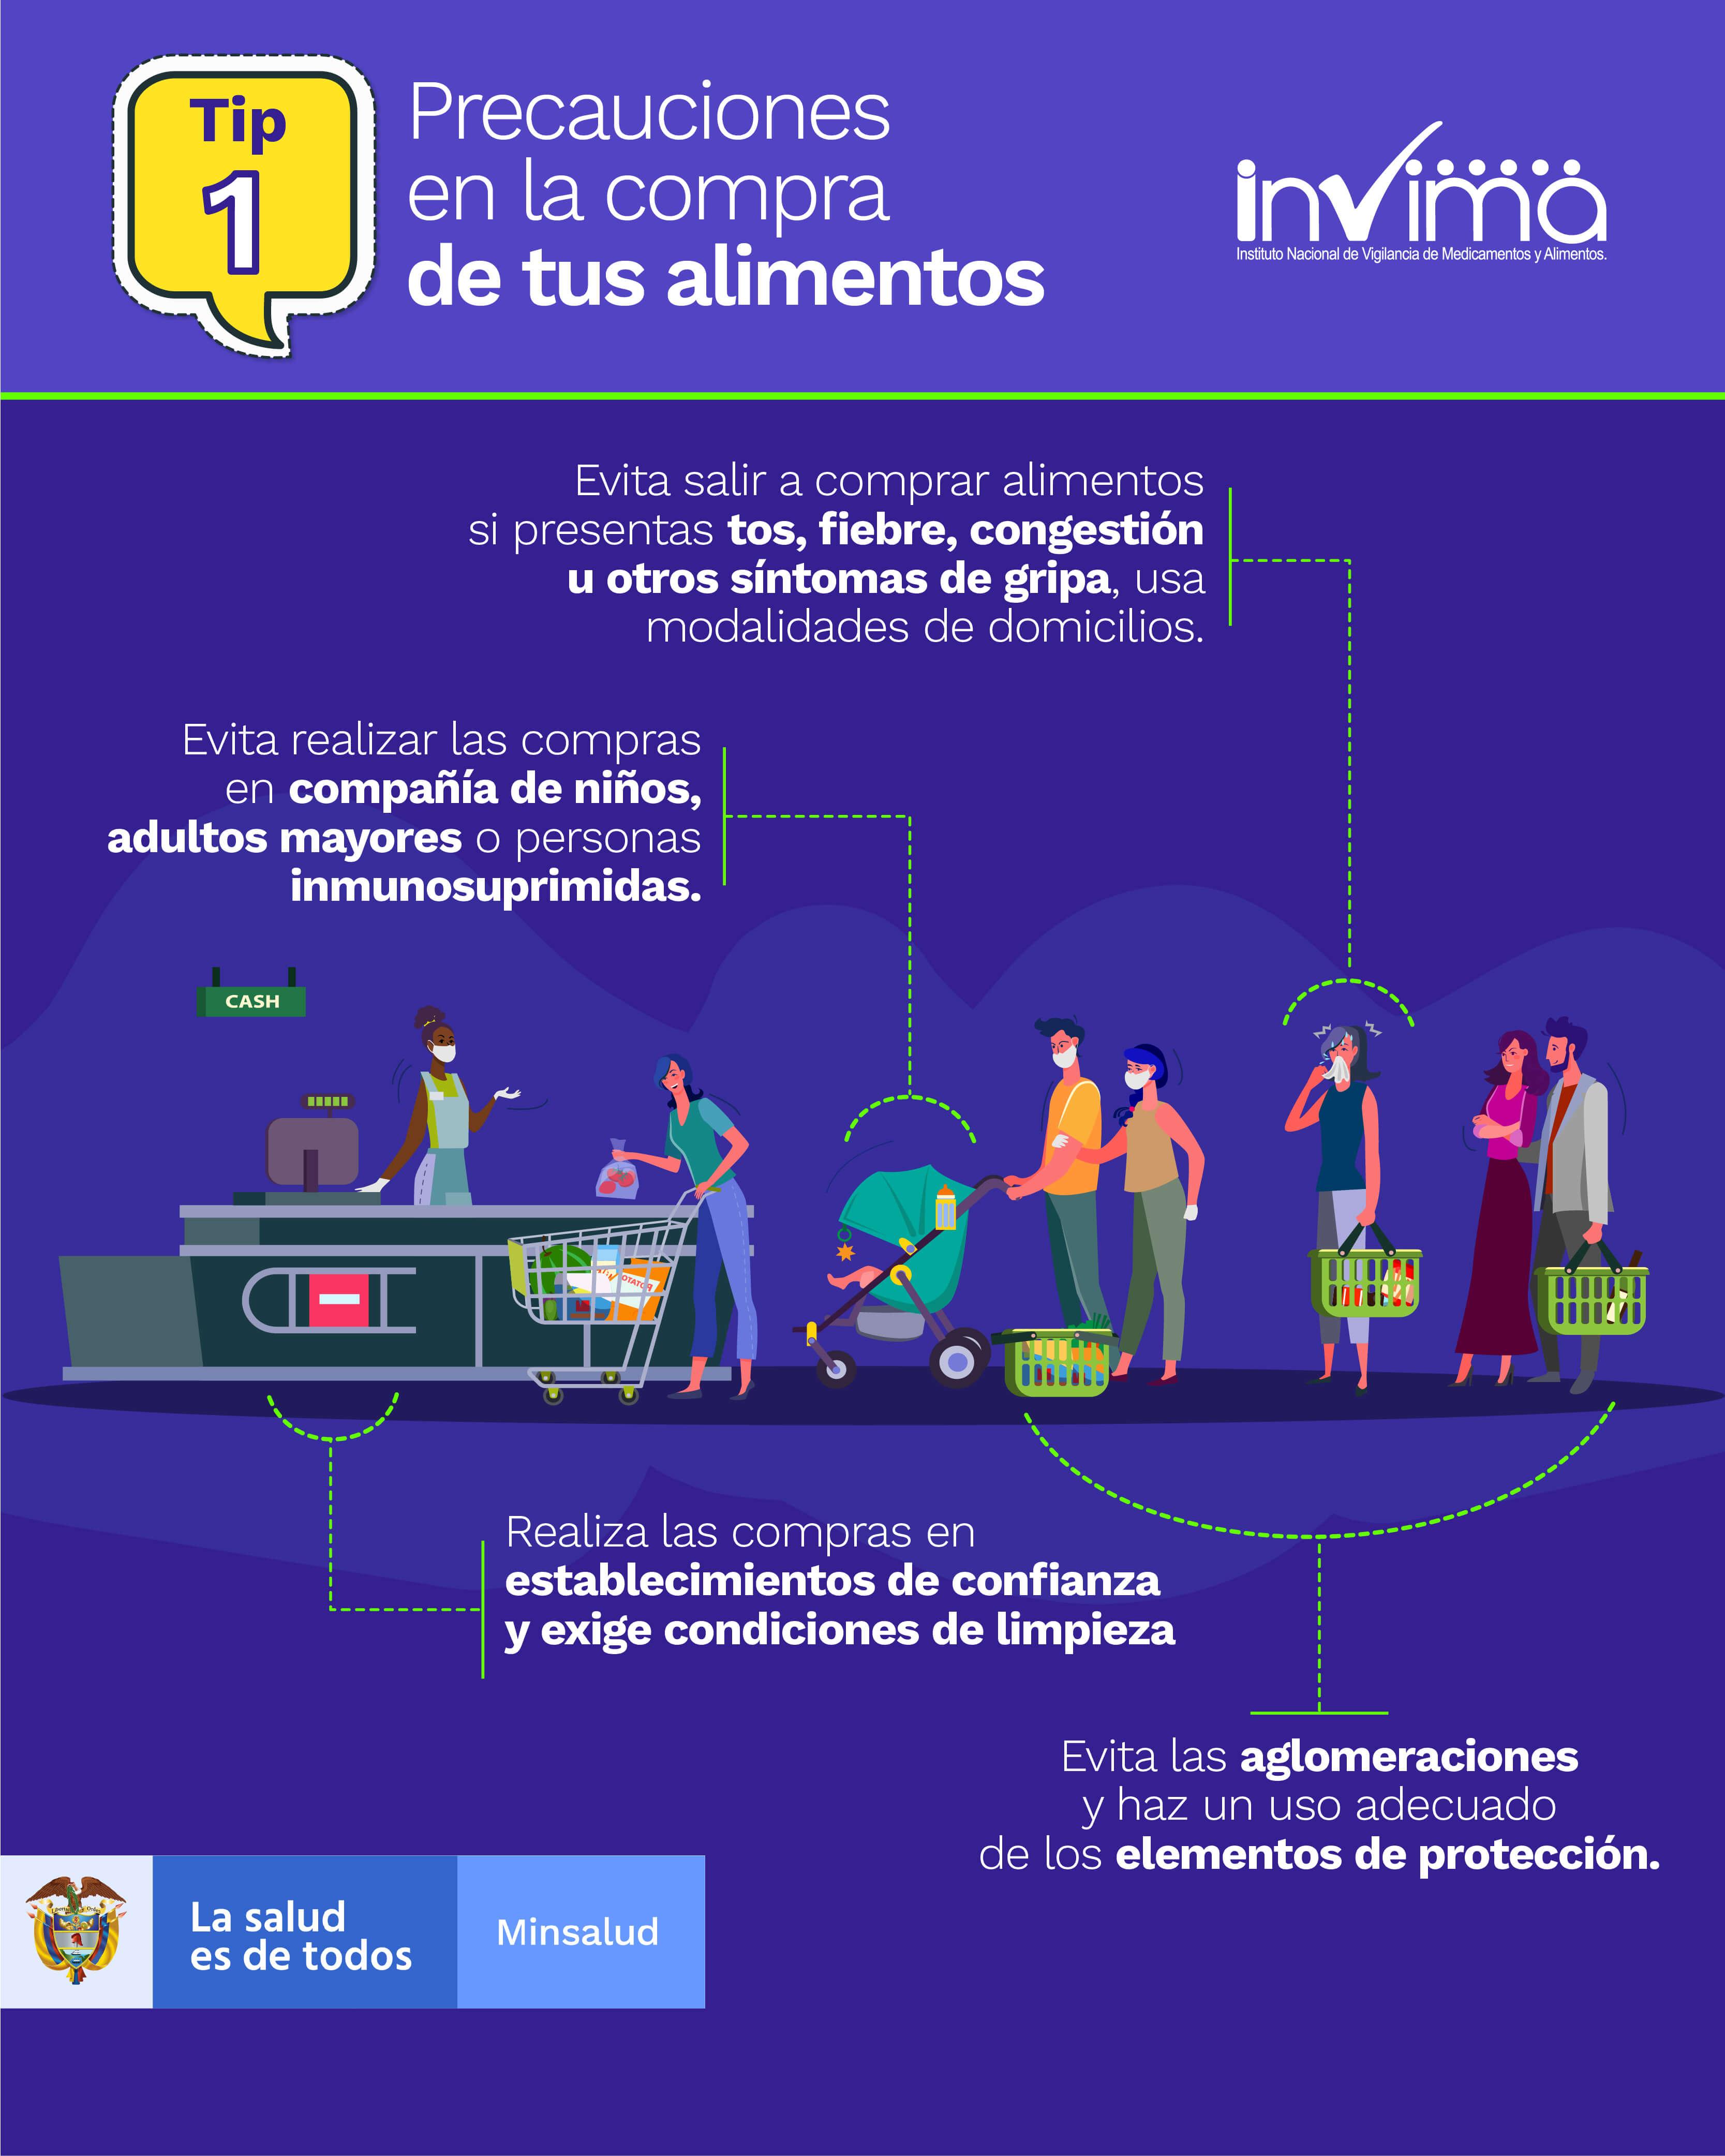 TIP 1 - Precauciones en la compra de alimentos